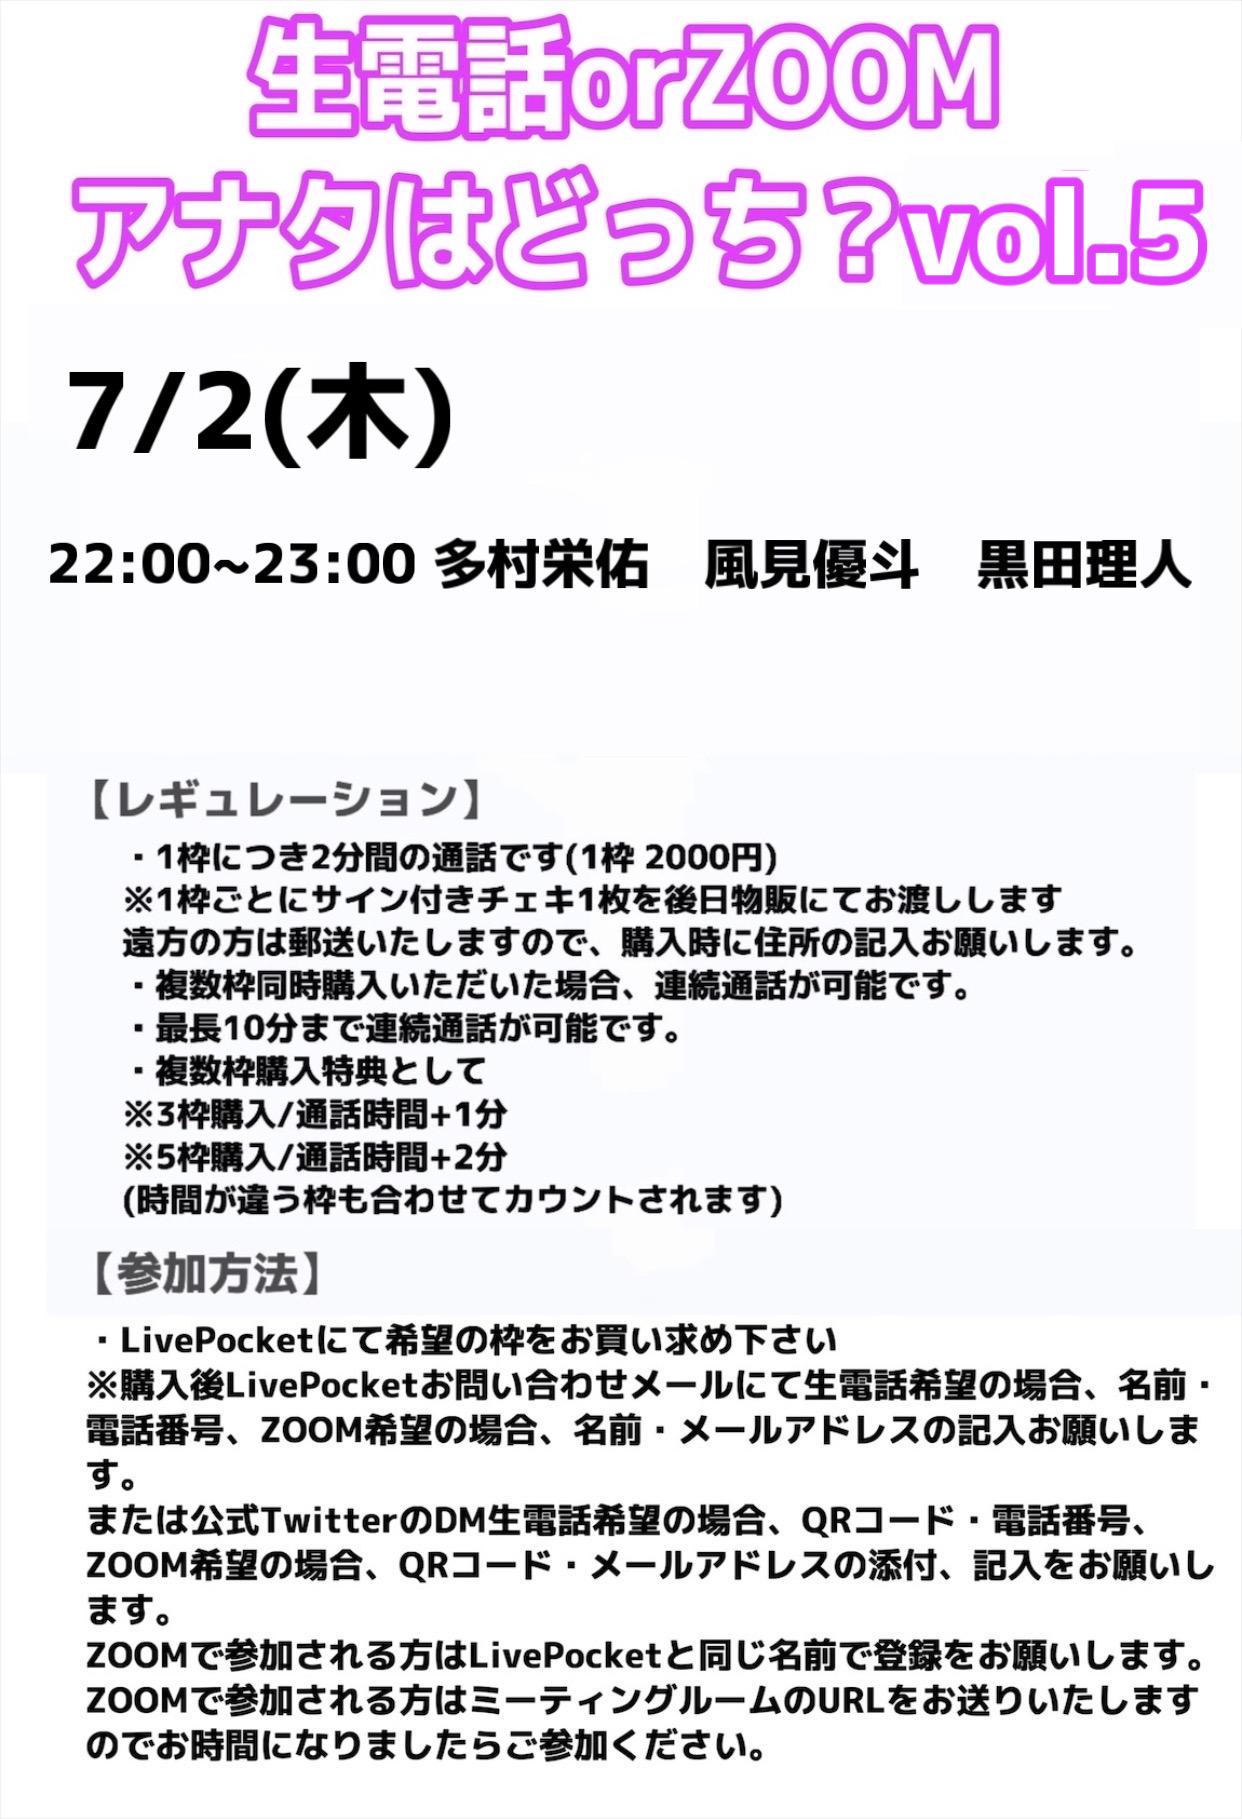 CUUES生電話orZOOMアナタはどっち?vol.5